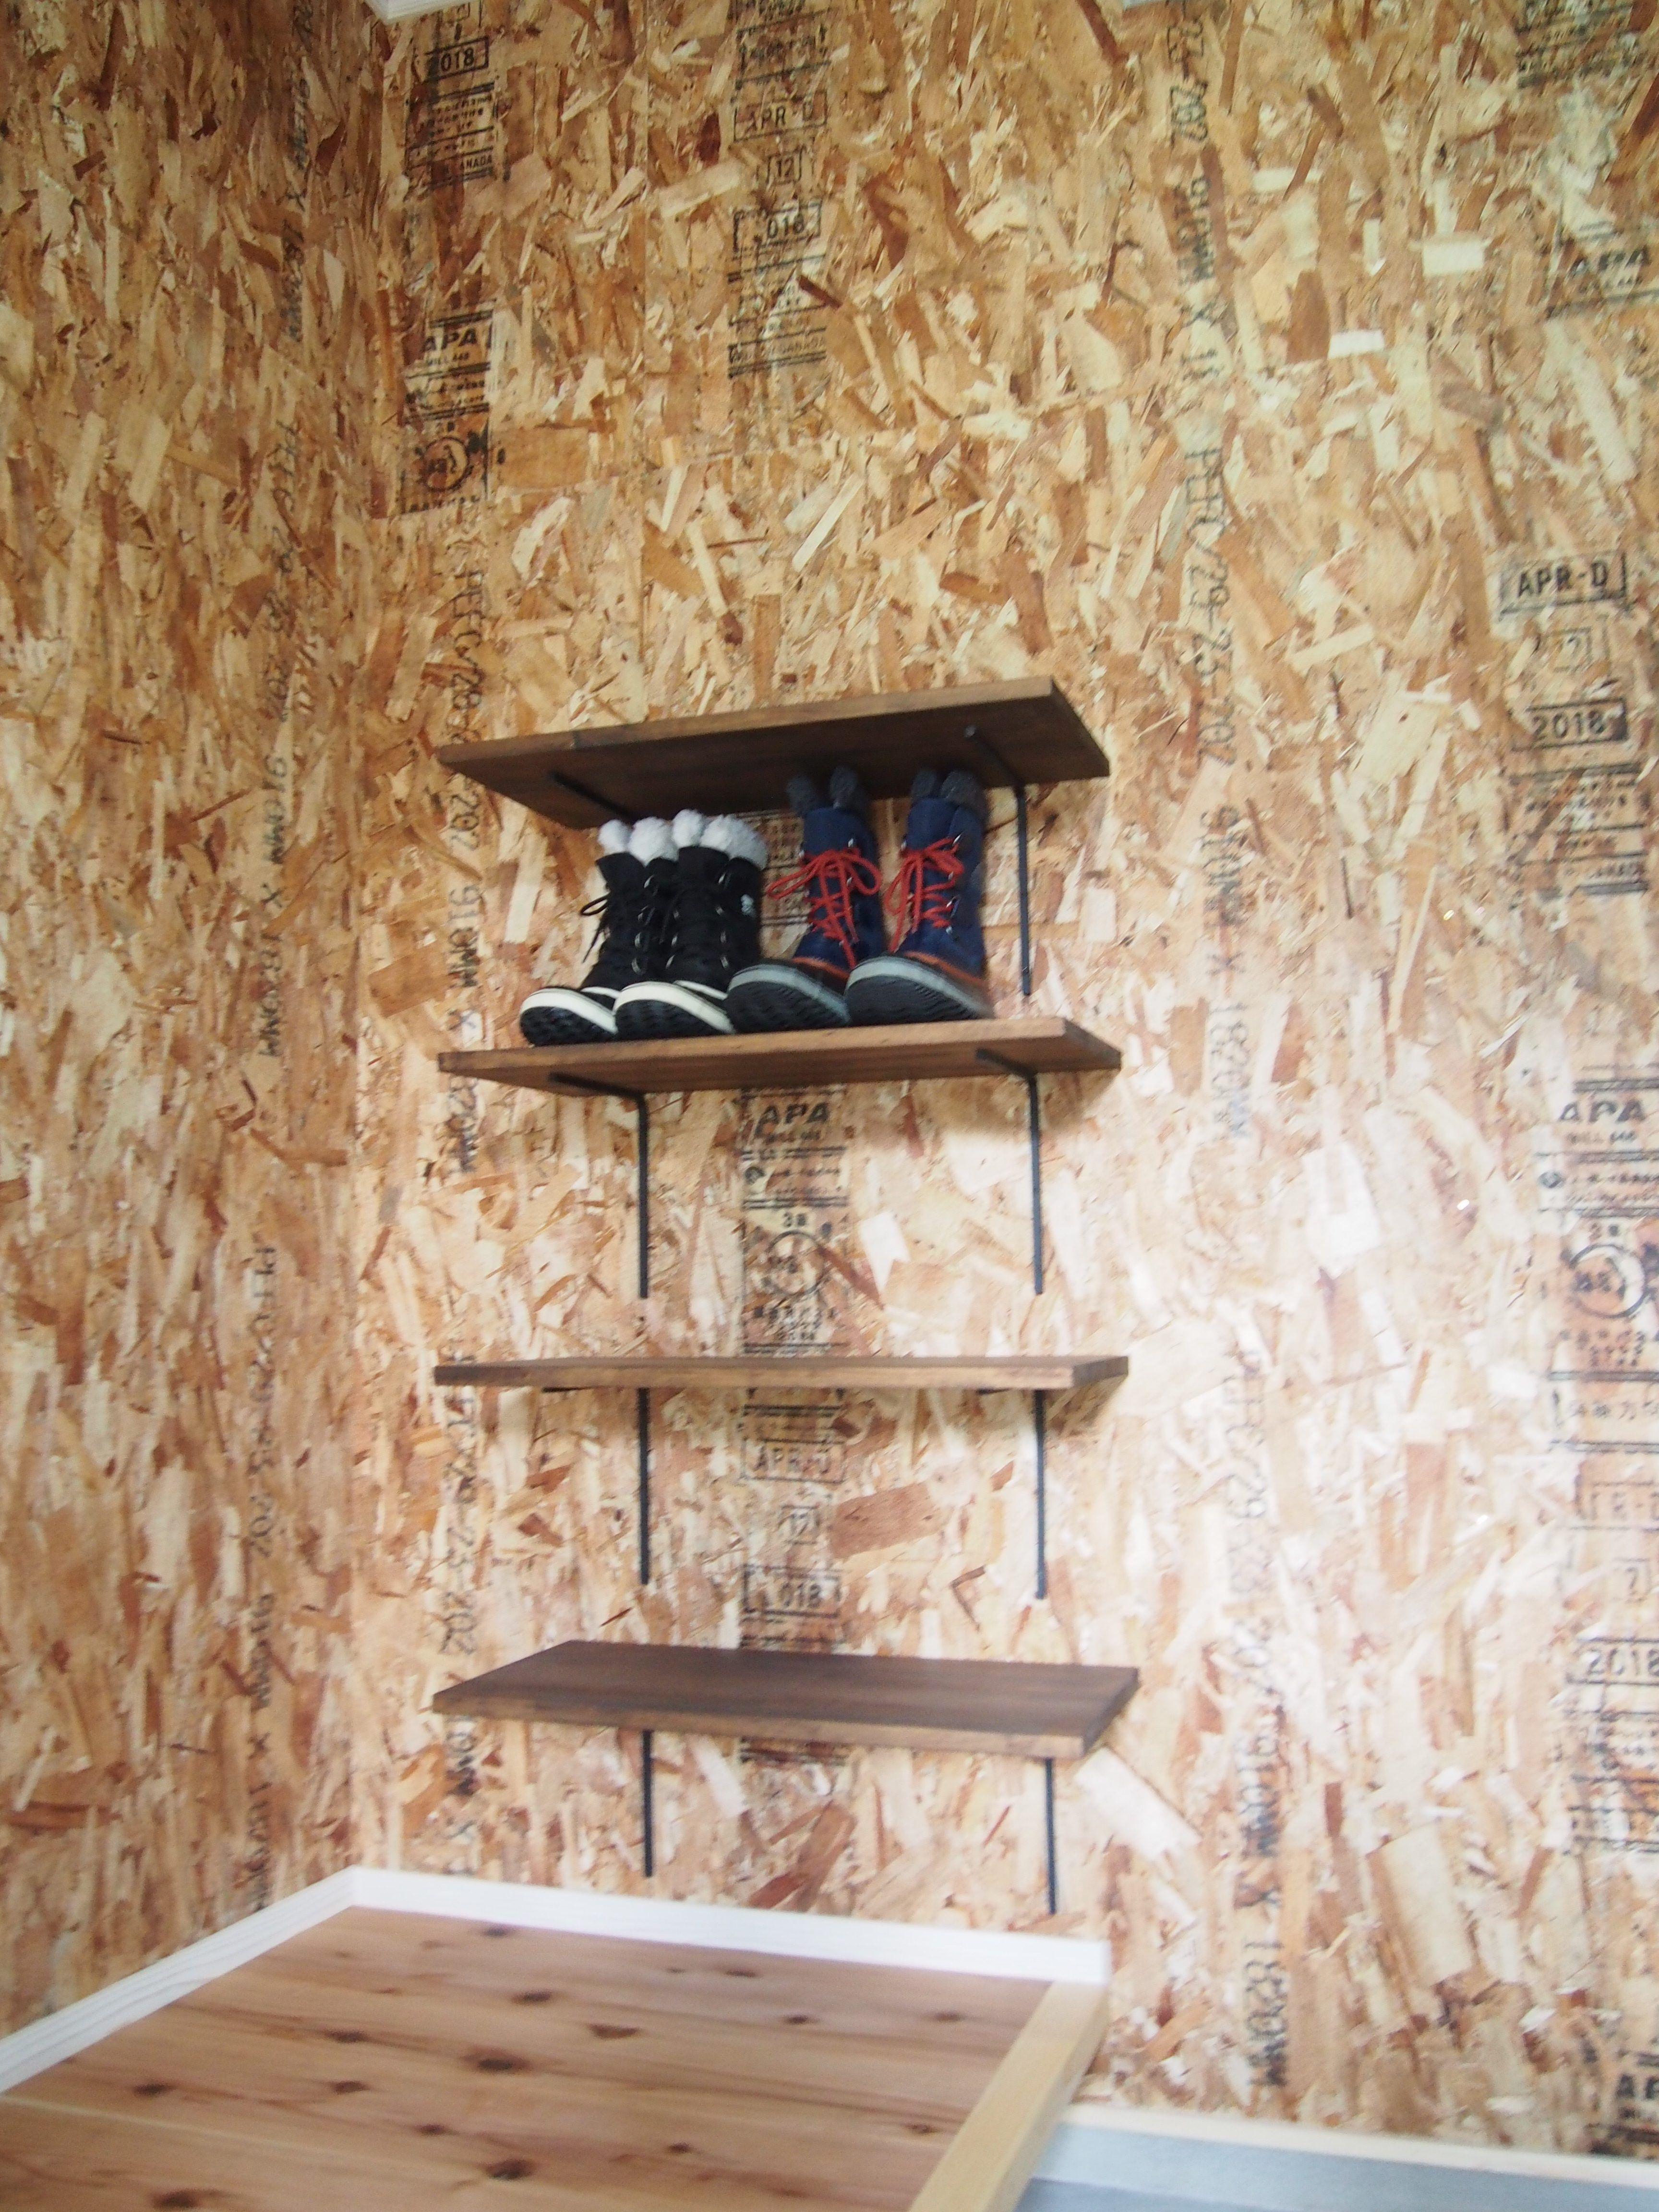 玄関に入り 正面のrの垂れ壁を抜けると そこはカッコイイ 男前な空間の土間収納 天井は板貼り茶色塗料仕上げ壁はosb